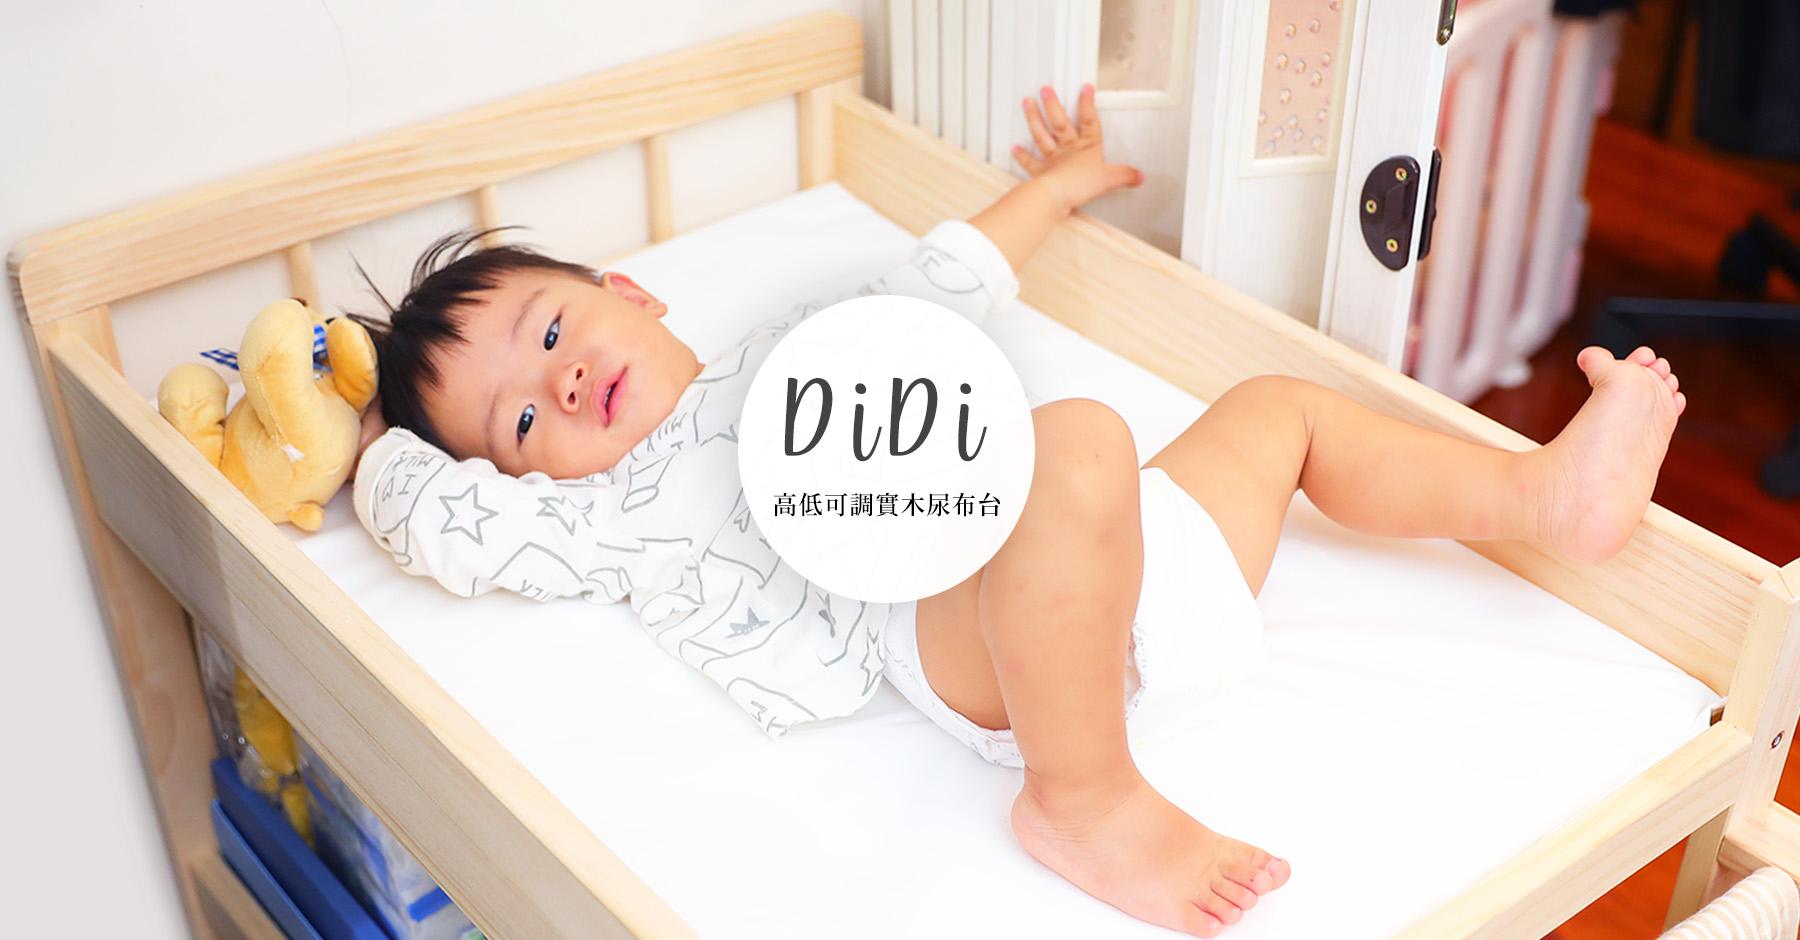 尿布台推薦|DIDI高低可調實木尿布台|開箱評價優點缺點使用心得組裝高度尺寸